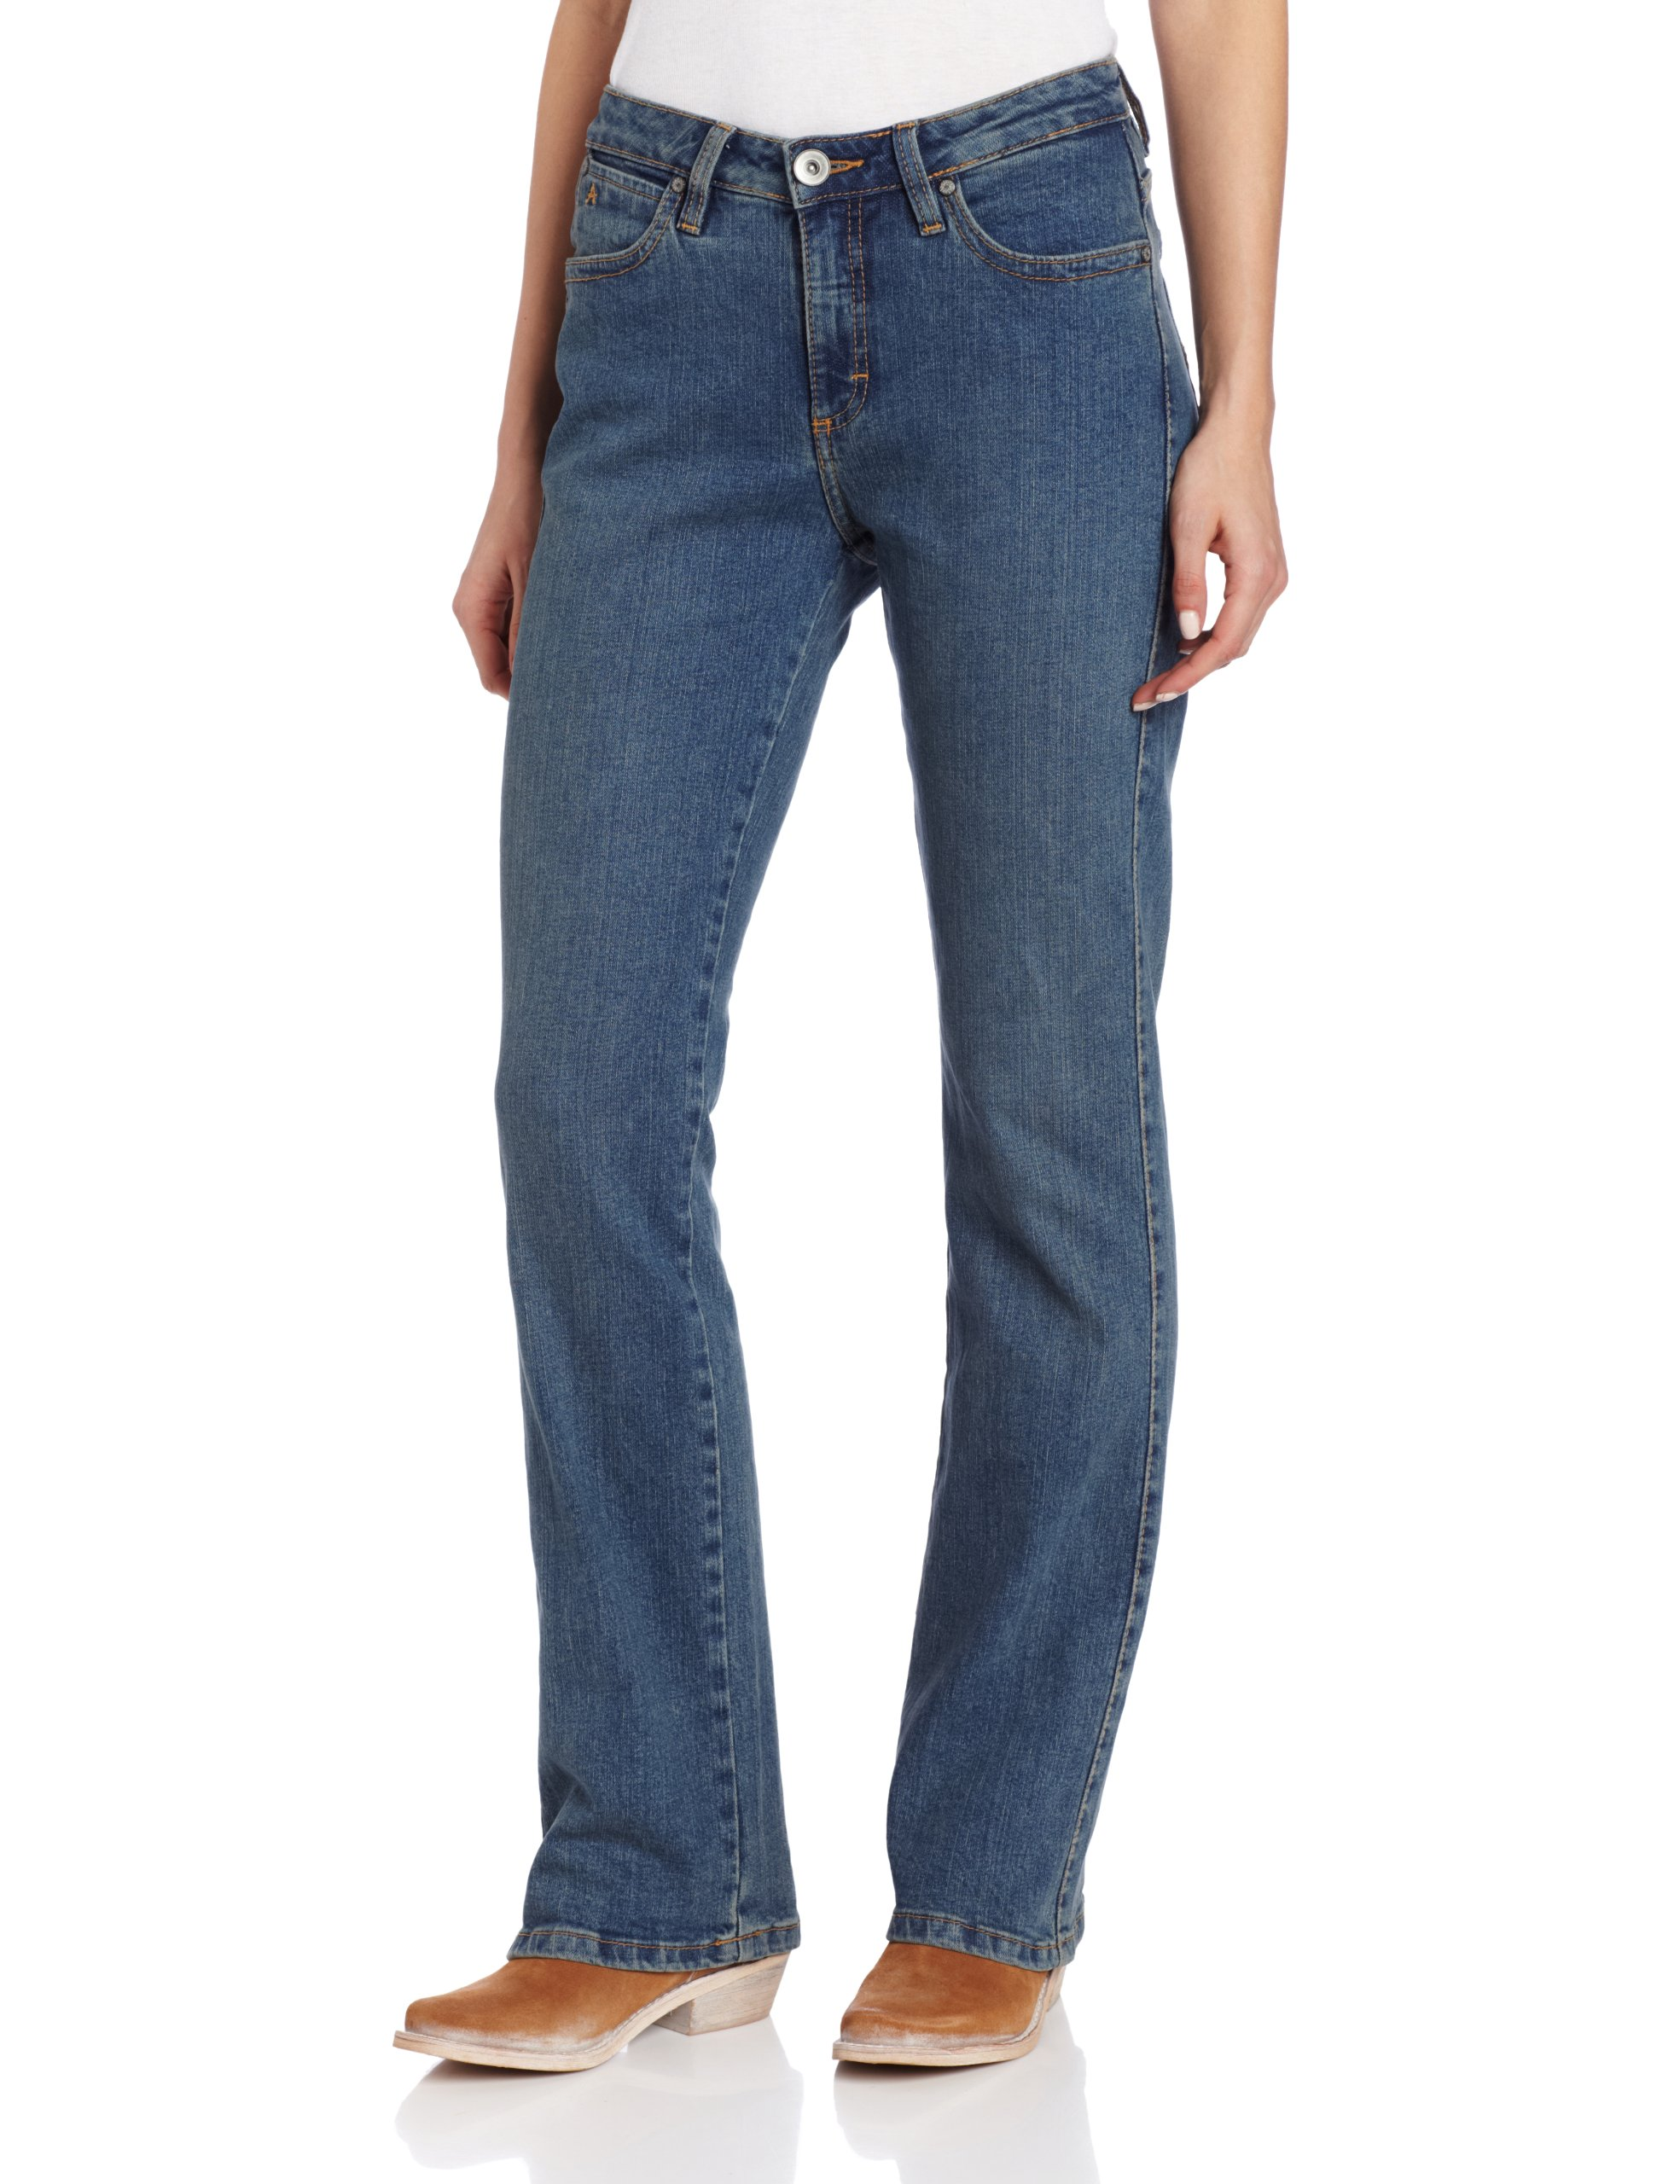 Wrangler Women's Aura Instantly Slimming Jean, Tinted Mid-Stone, 10 Avg